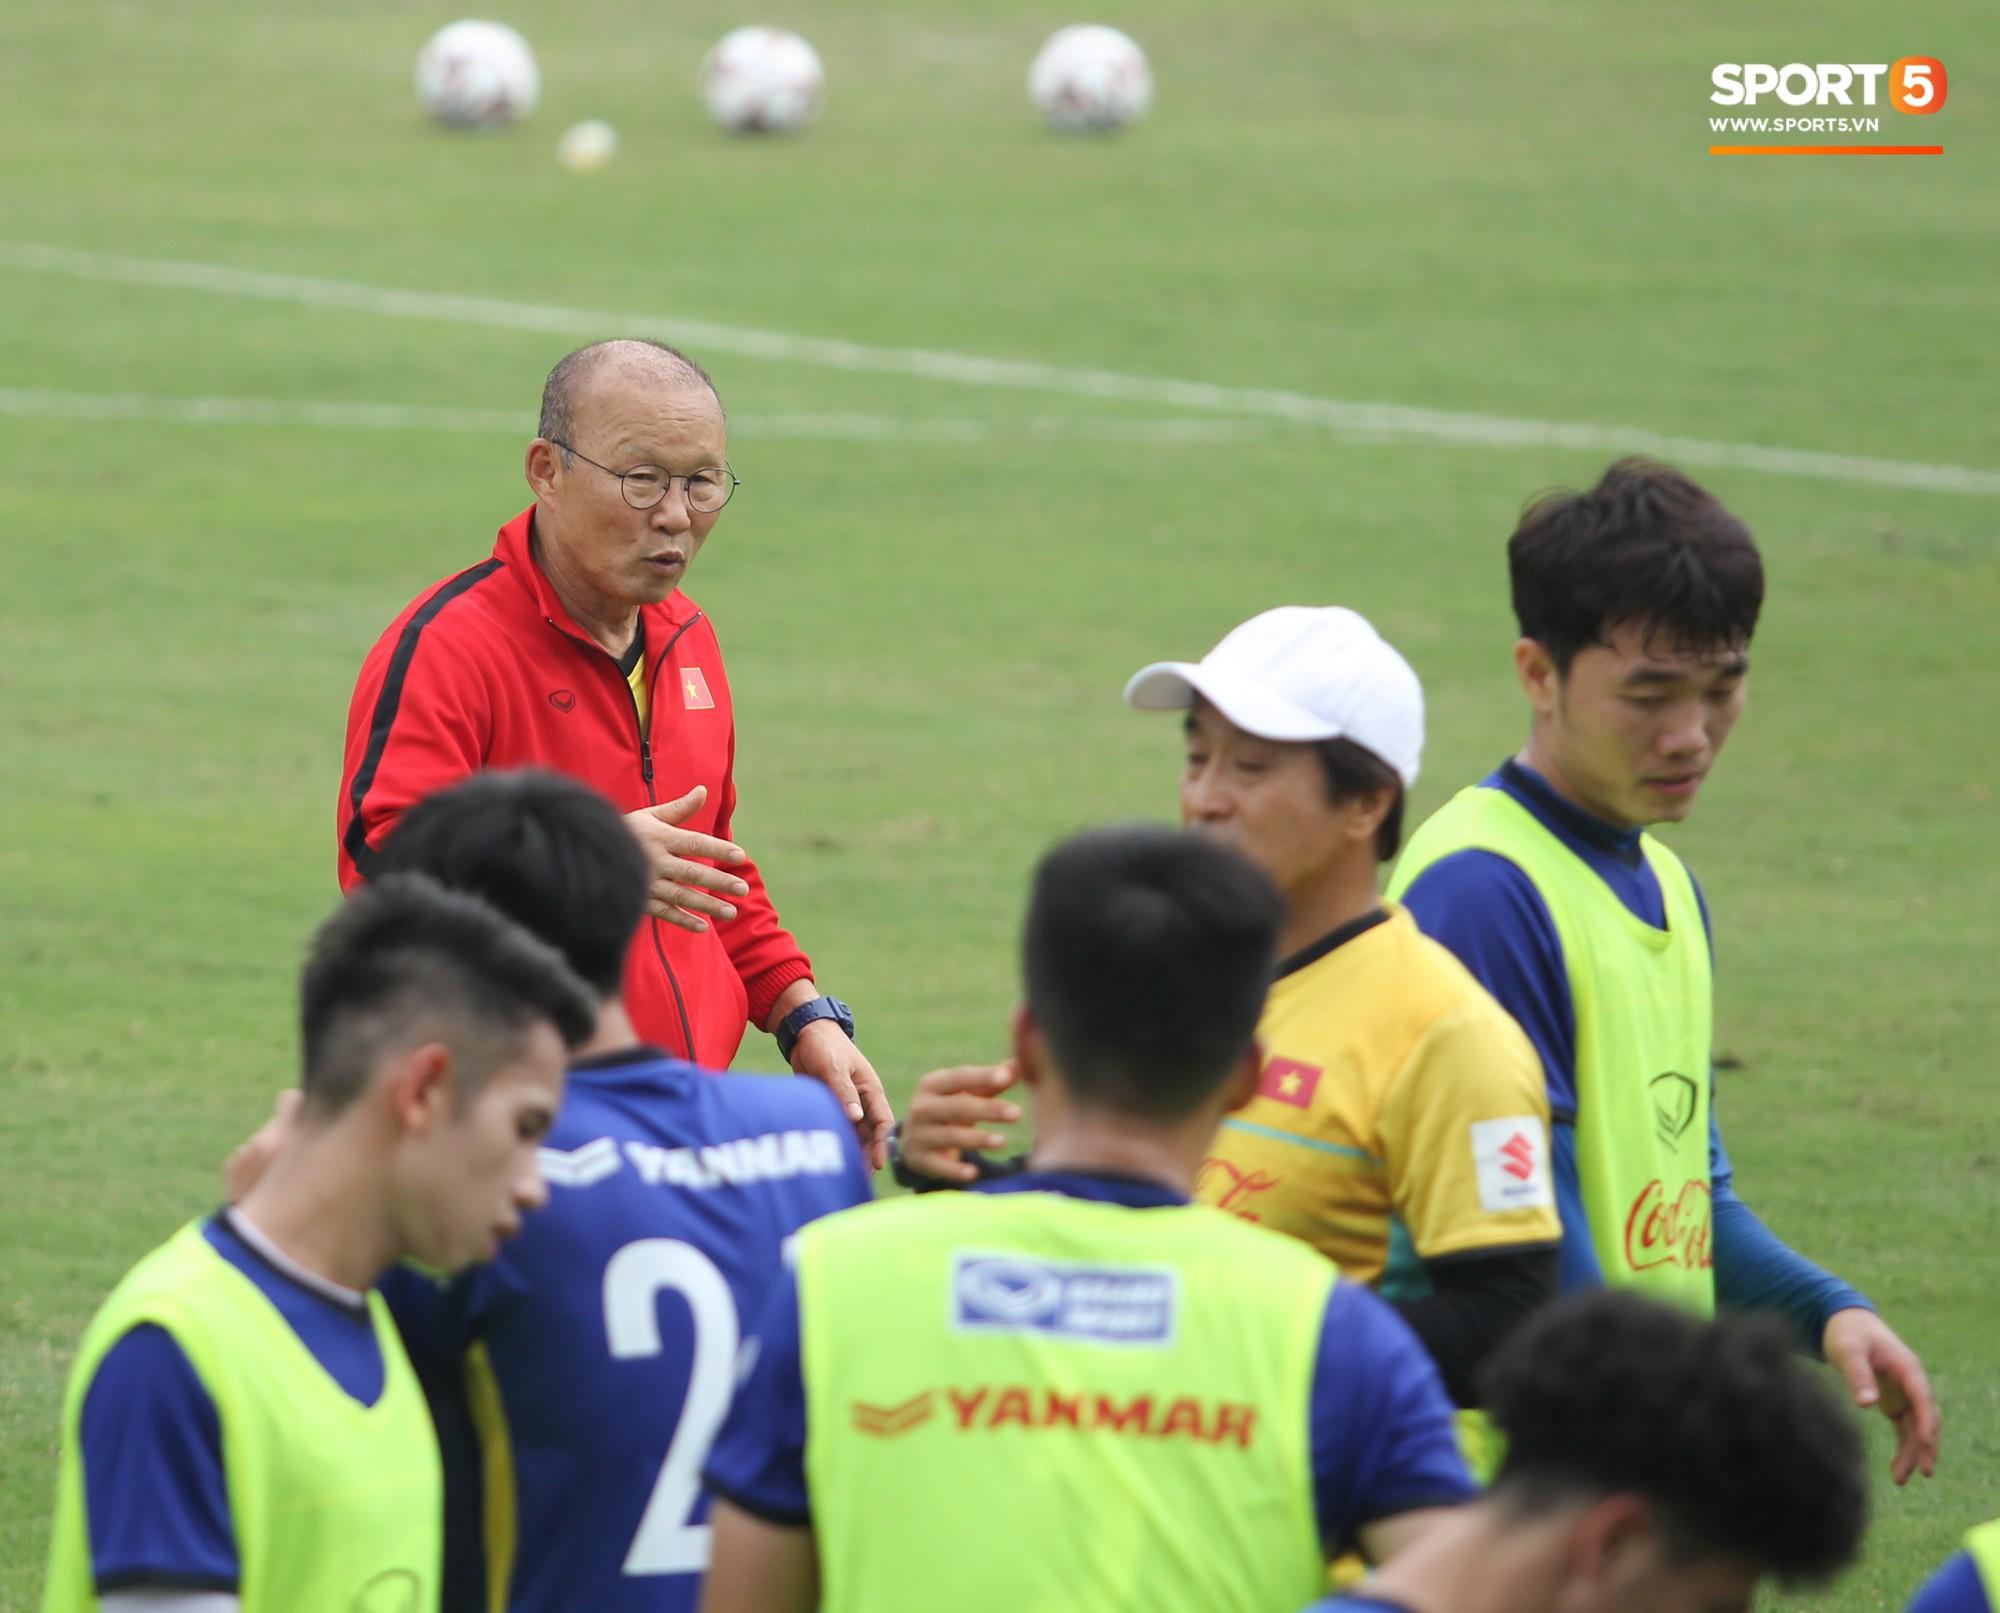 Xuân Trường nỗ lực không ngừng trong buổi tập đầu tiên hướng tới Asian Cup 2019 - Ảnh 4.